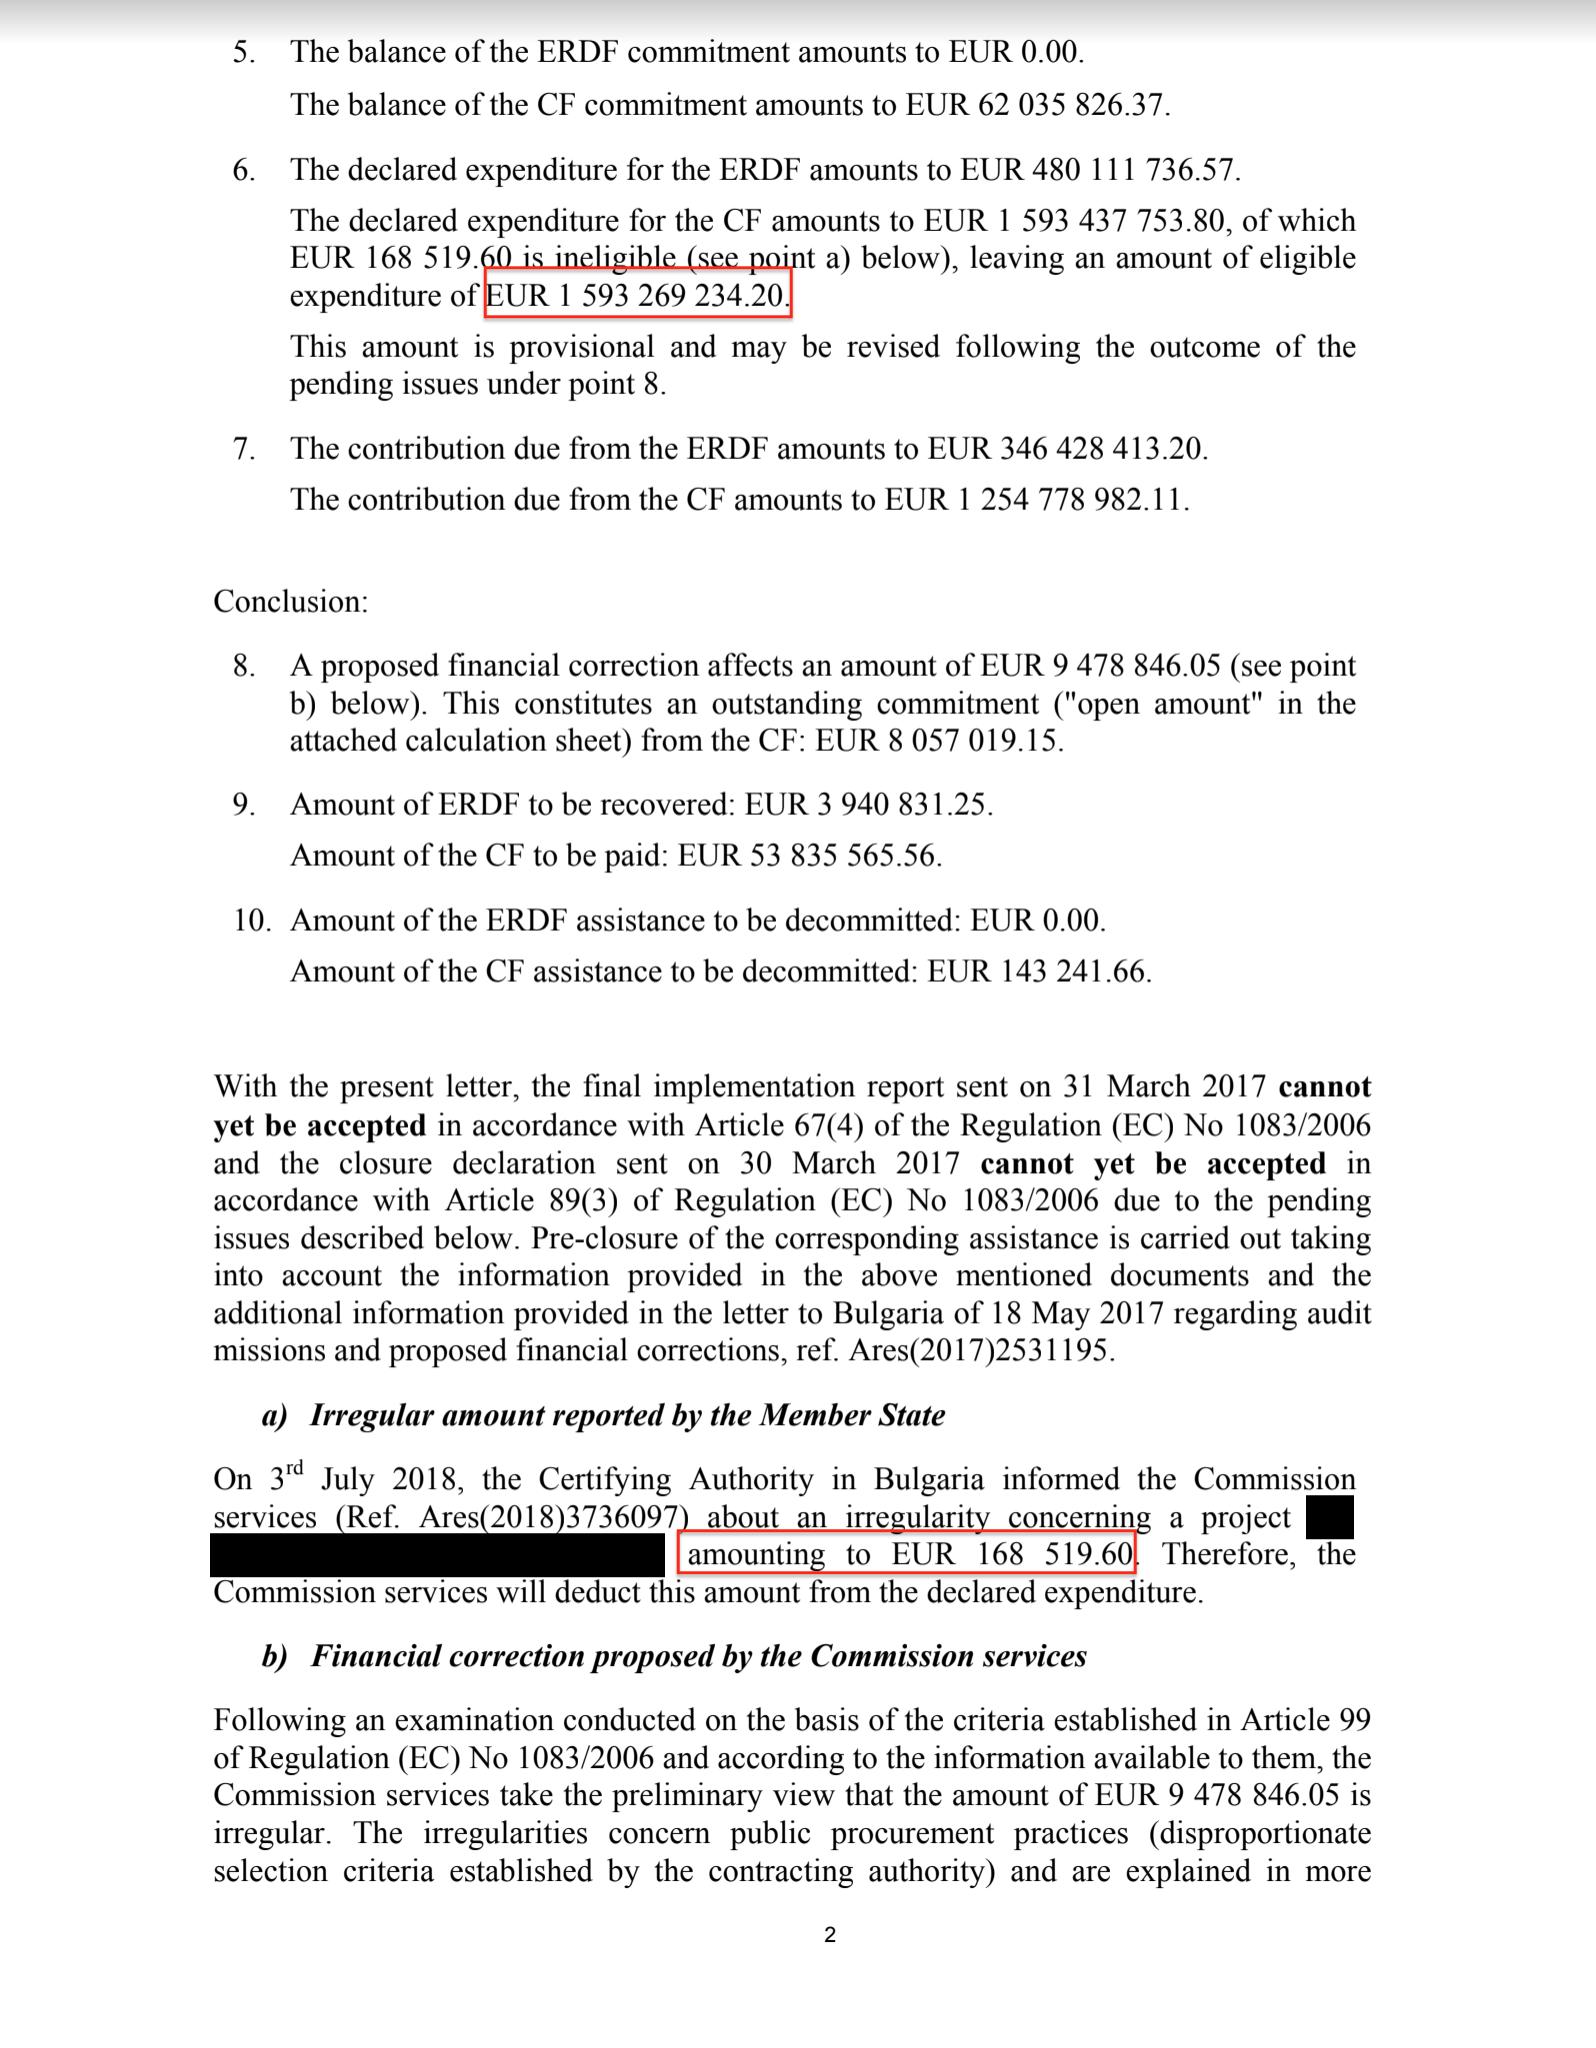 ДжиПиГейт: Тежък институционален провал в разследванията за злоупотреби на еврофондове